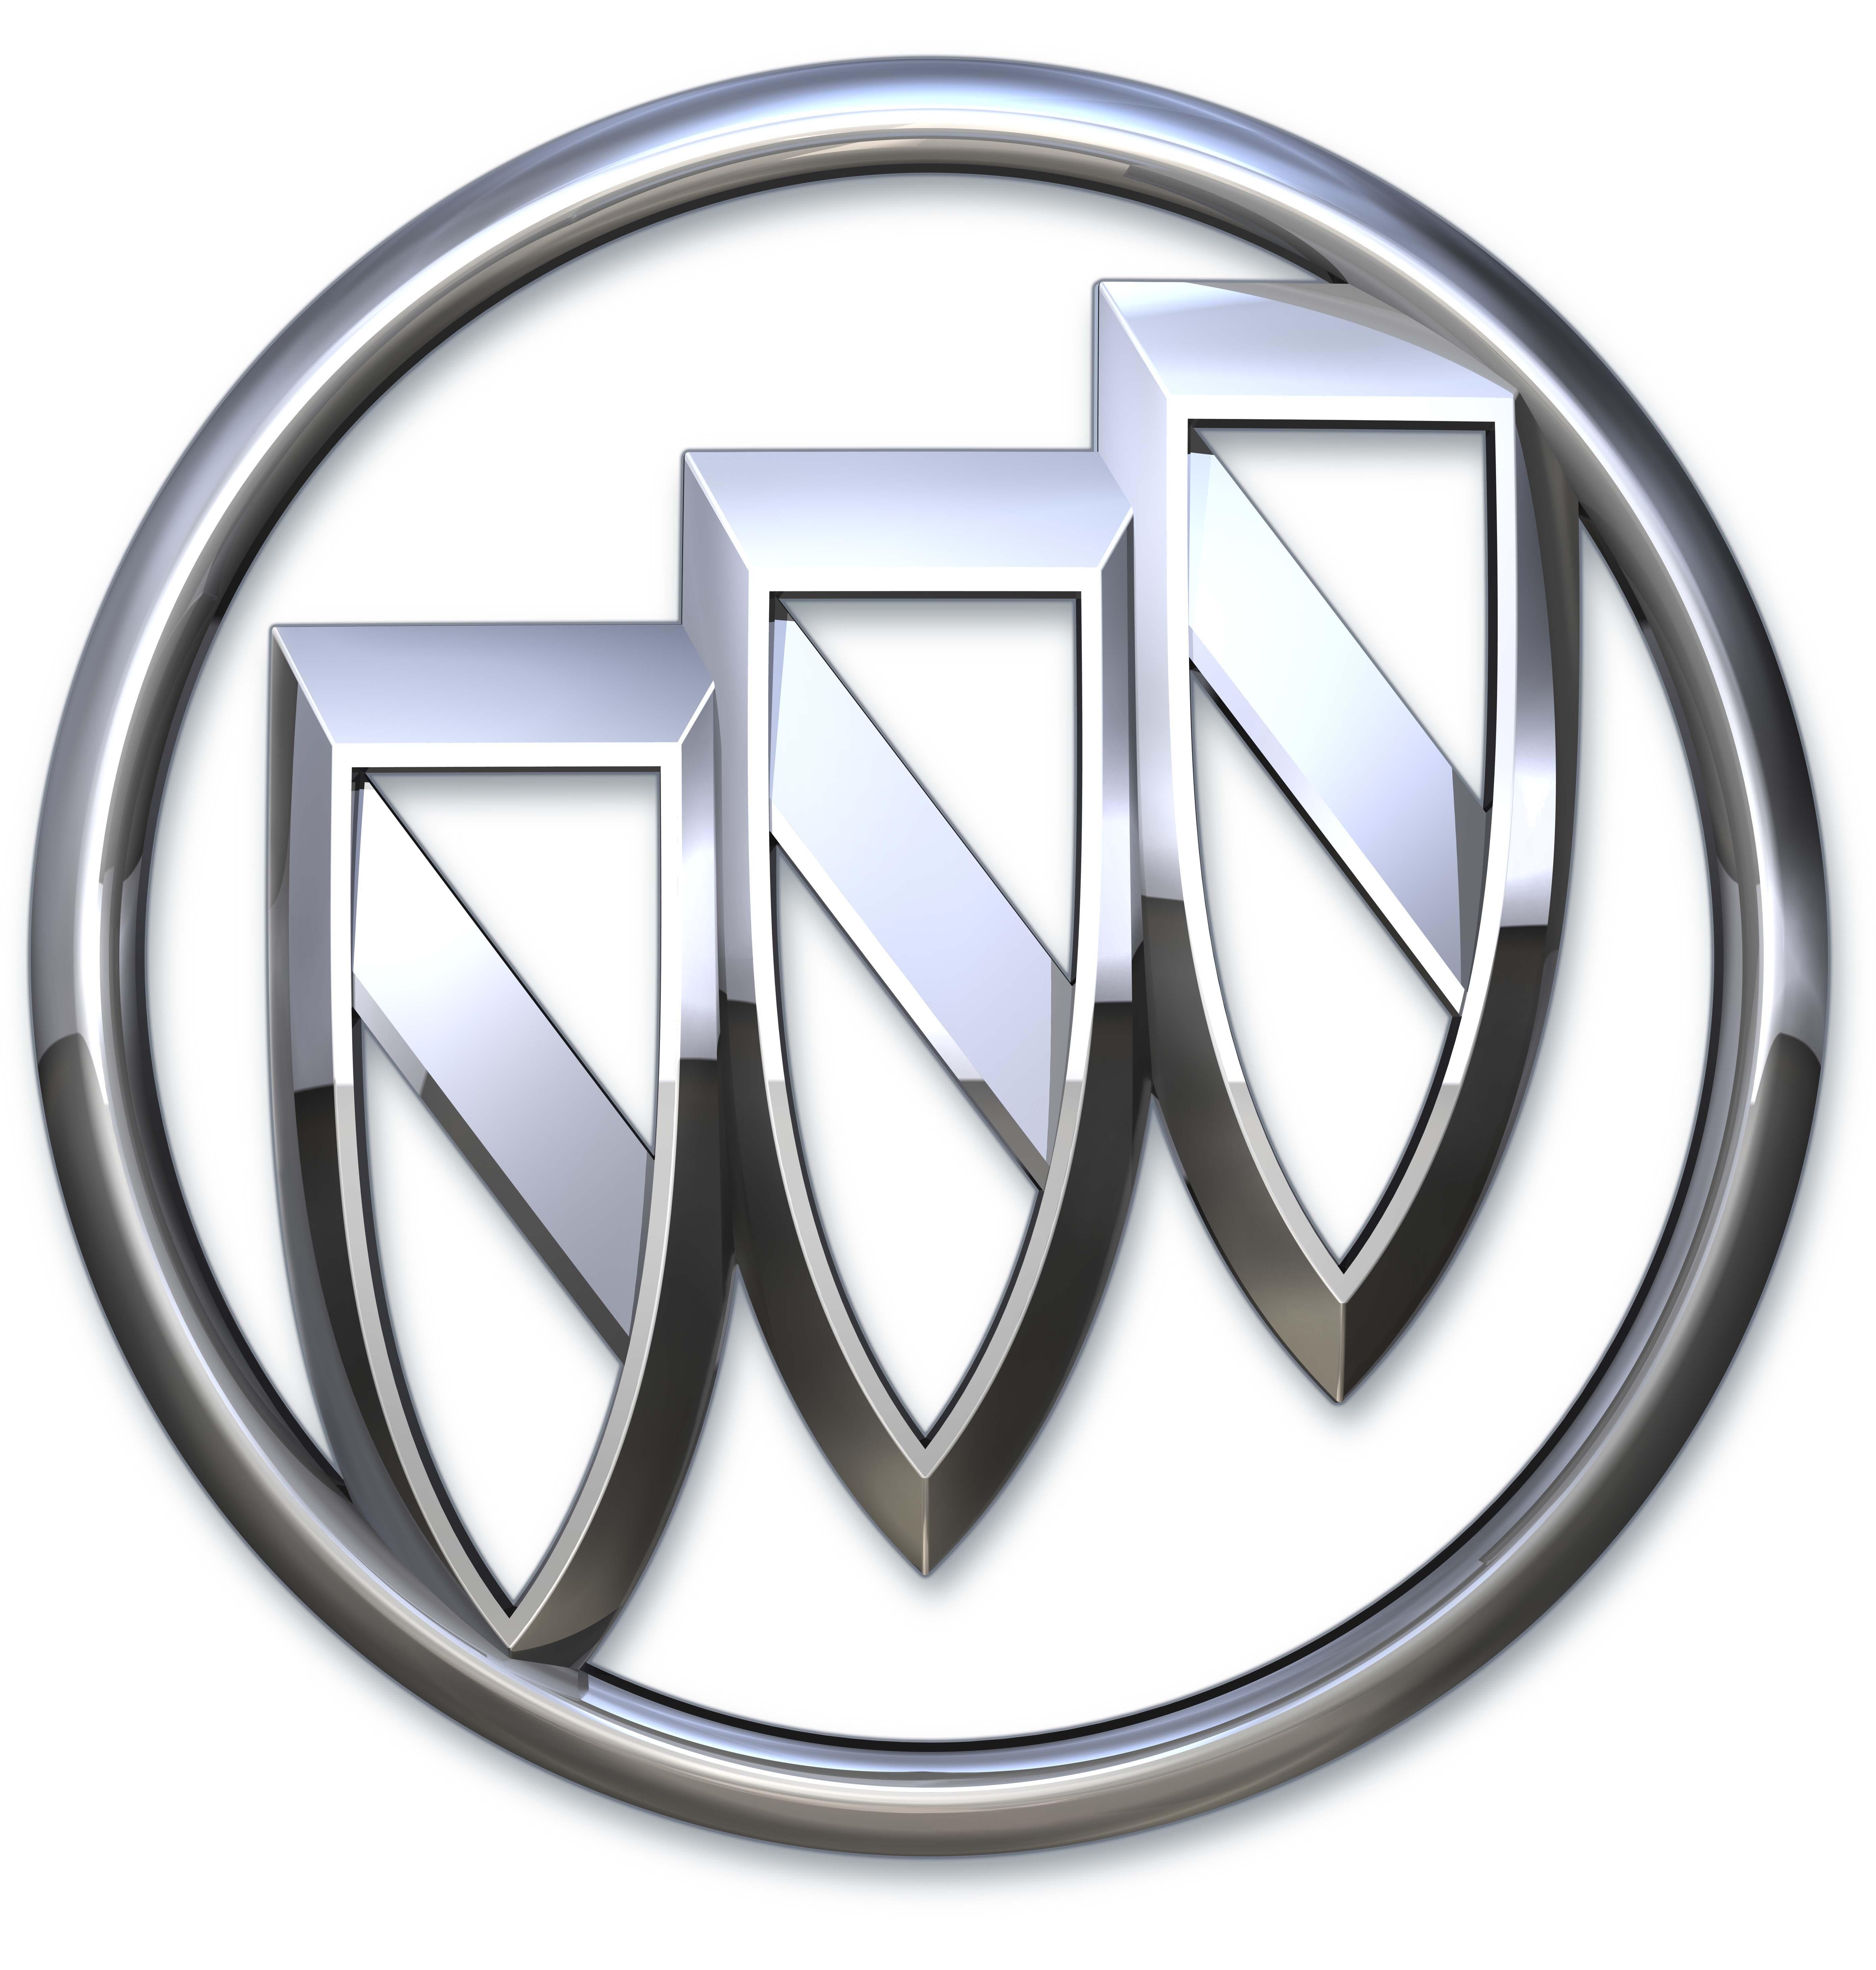 Buik Emblem Wallpaper